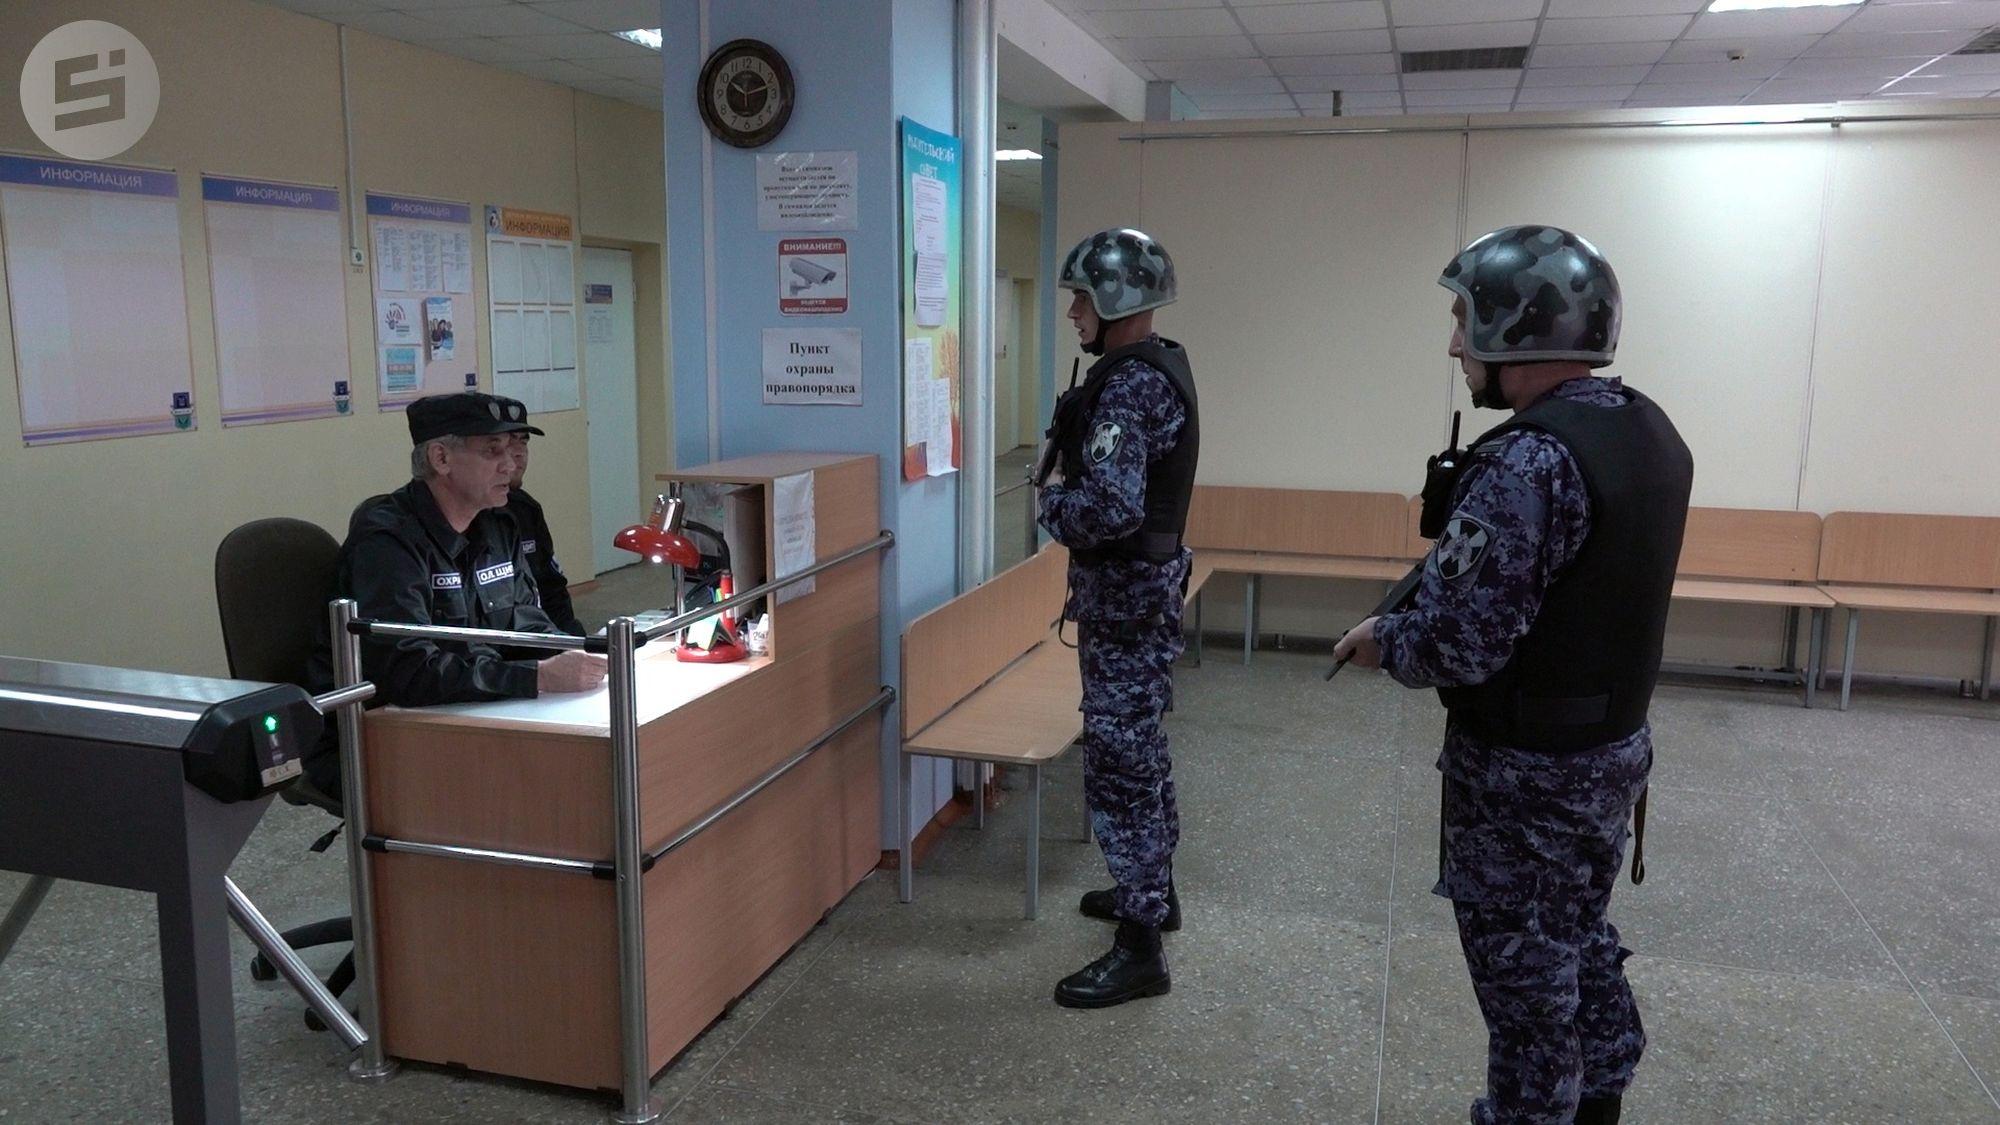 Во Владивостоке усилят охрану в школе после угроз о взрыве